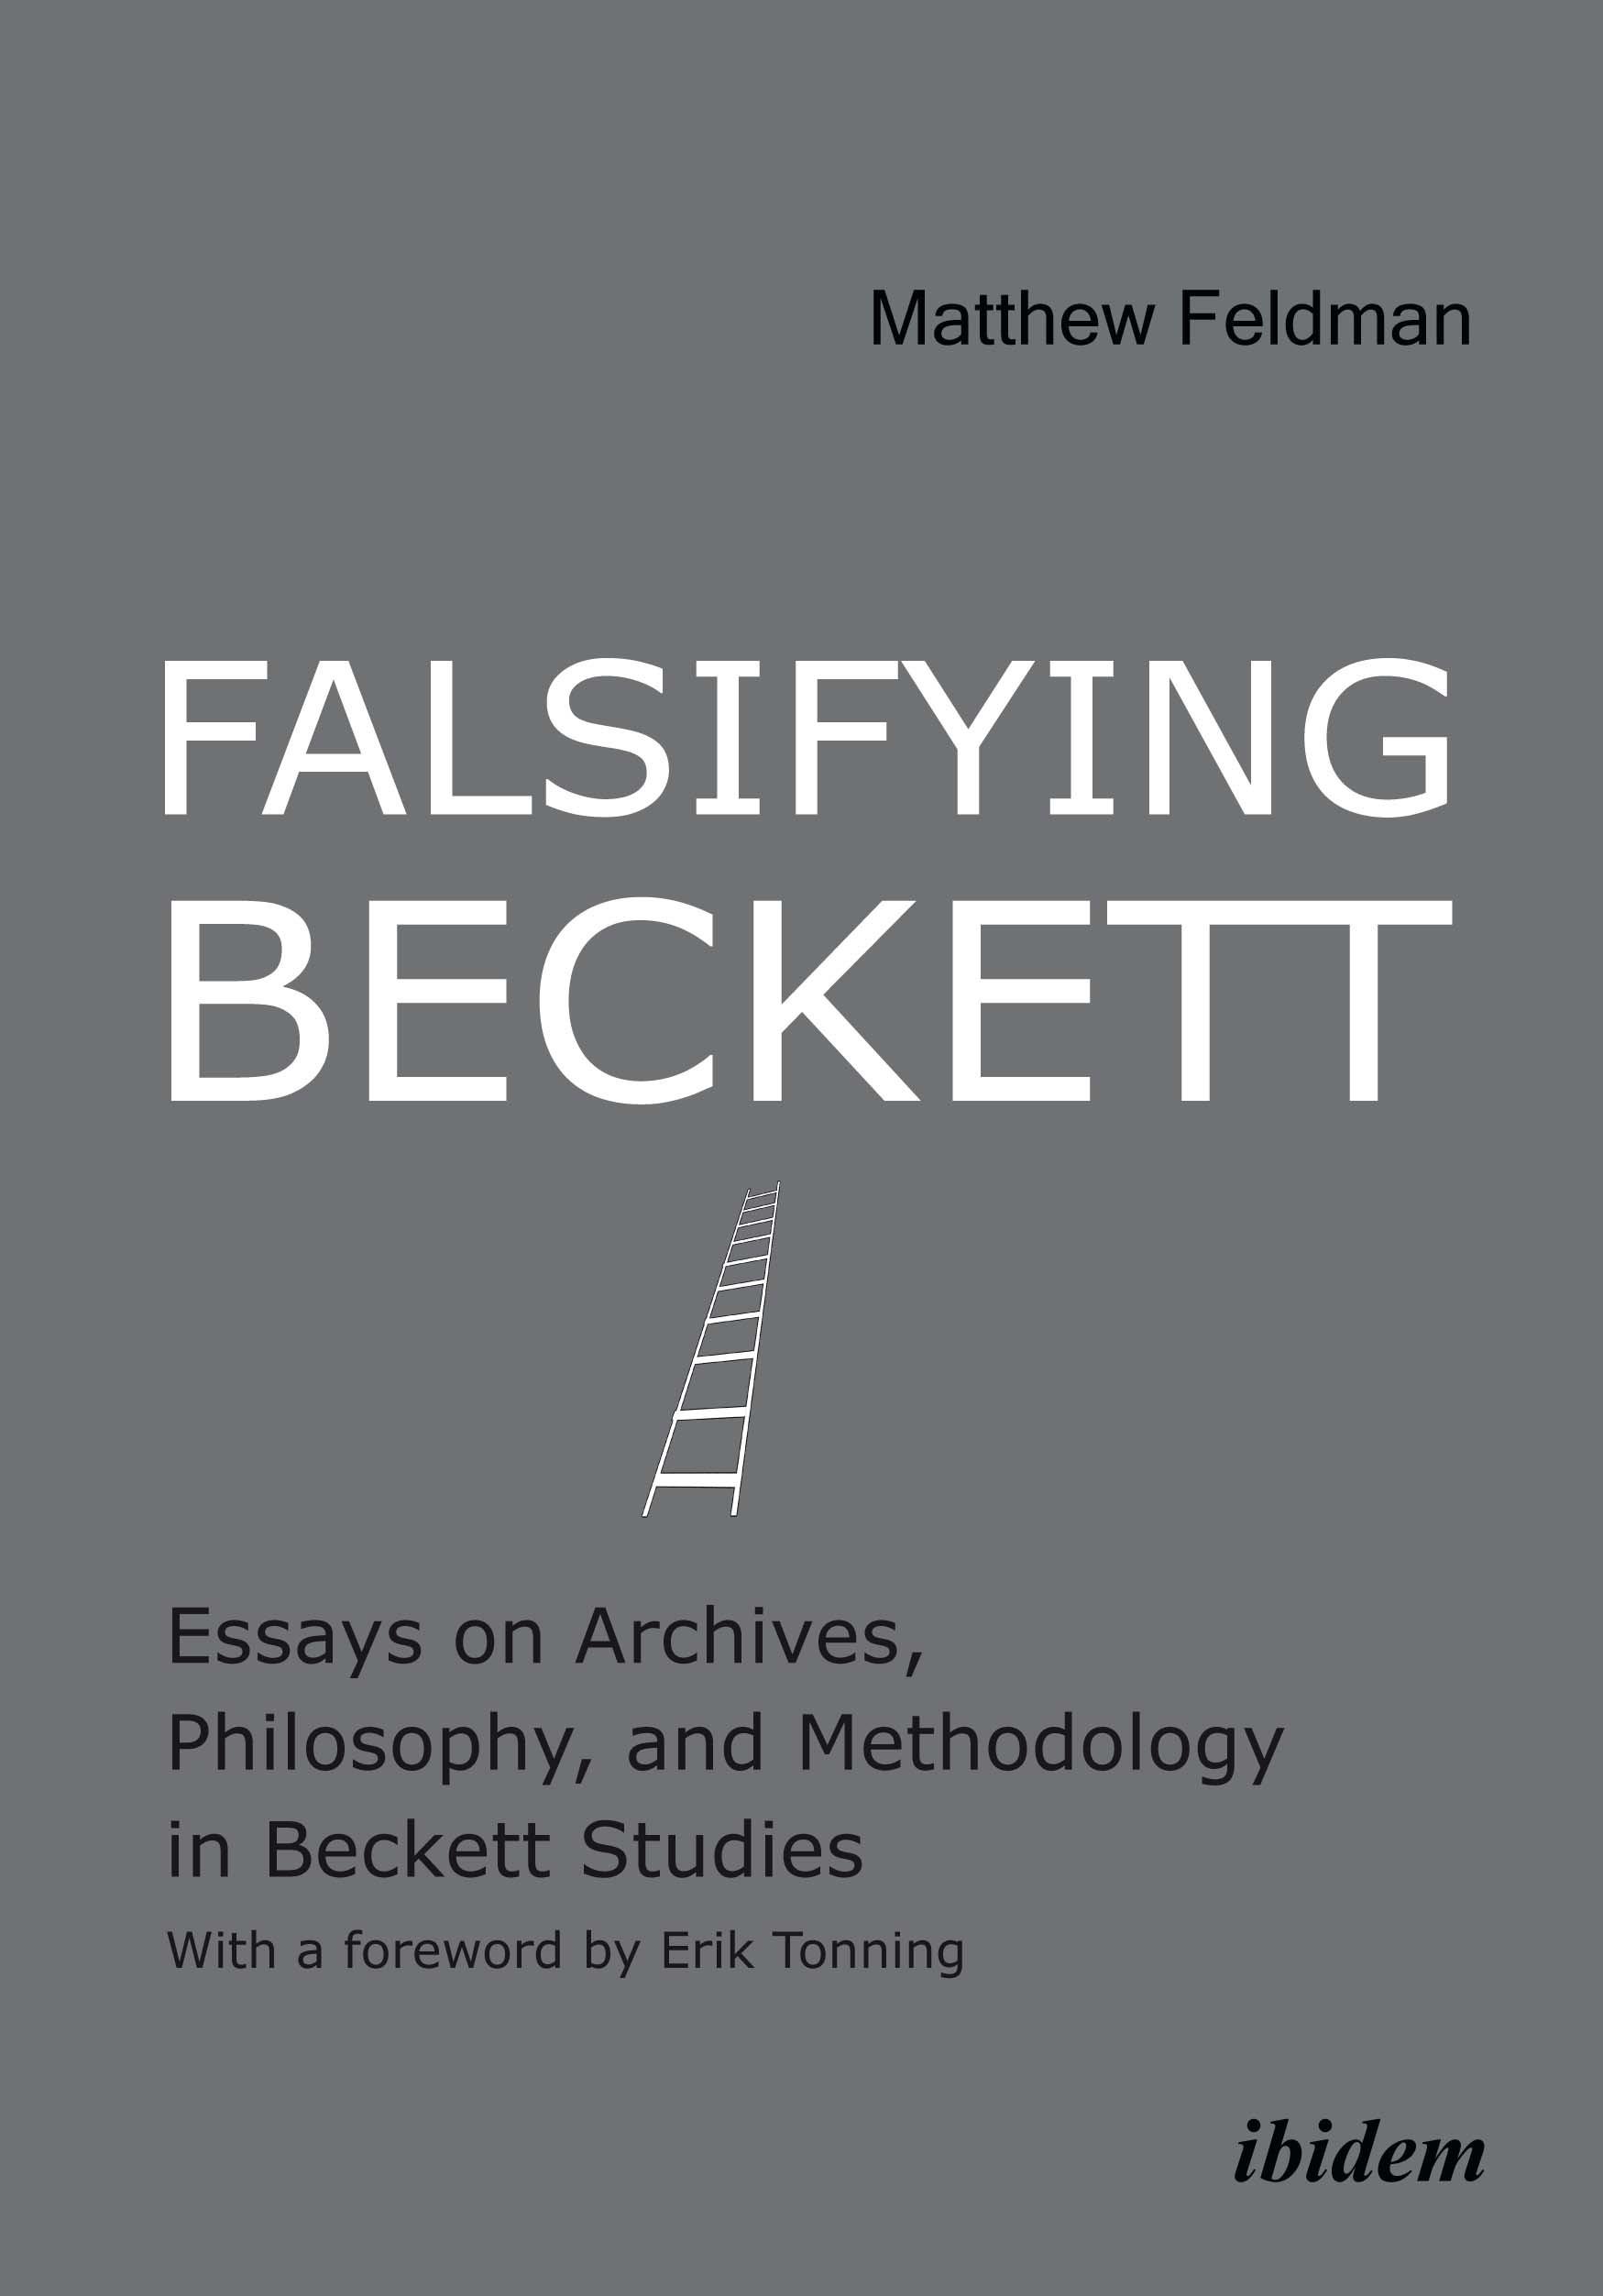 Falsifying Beckett